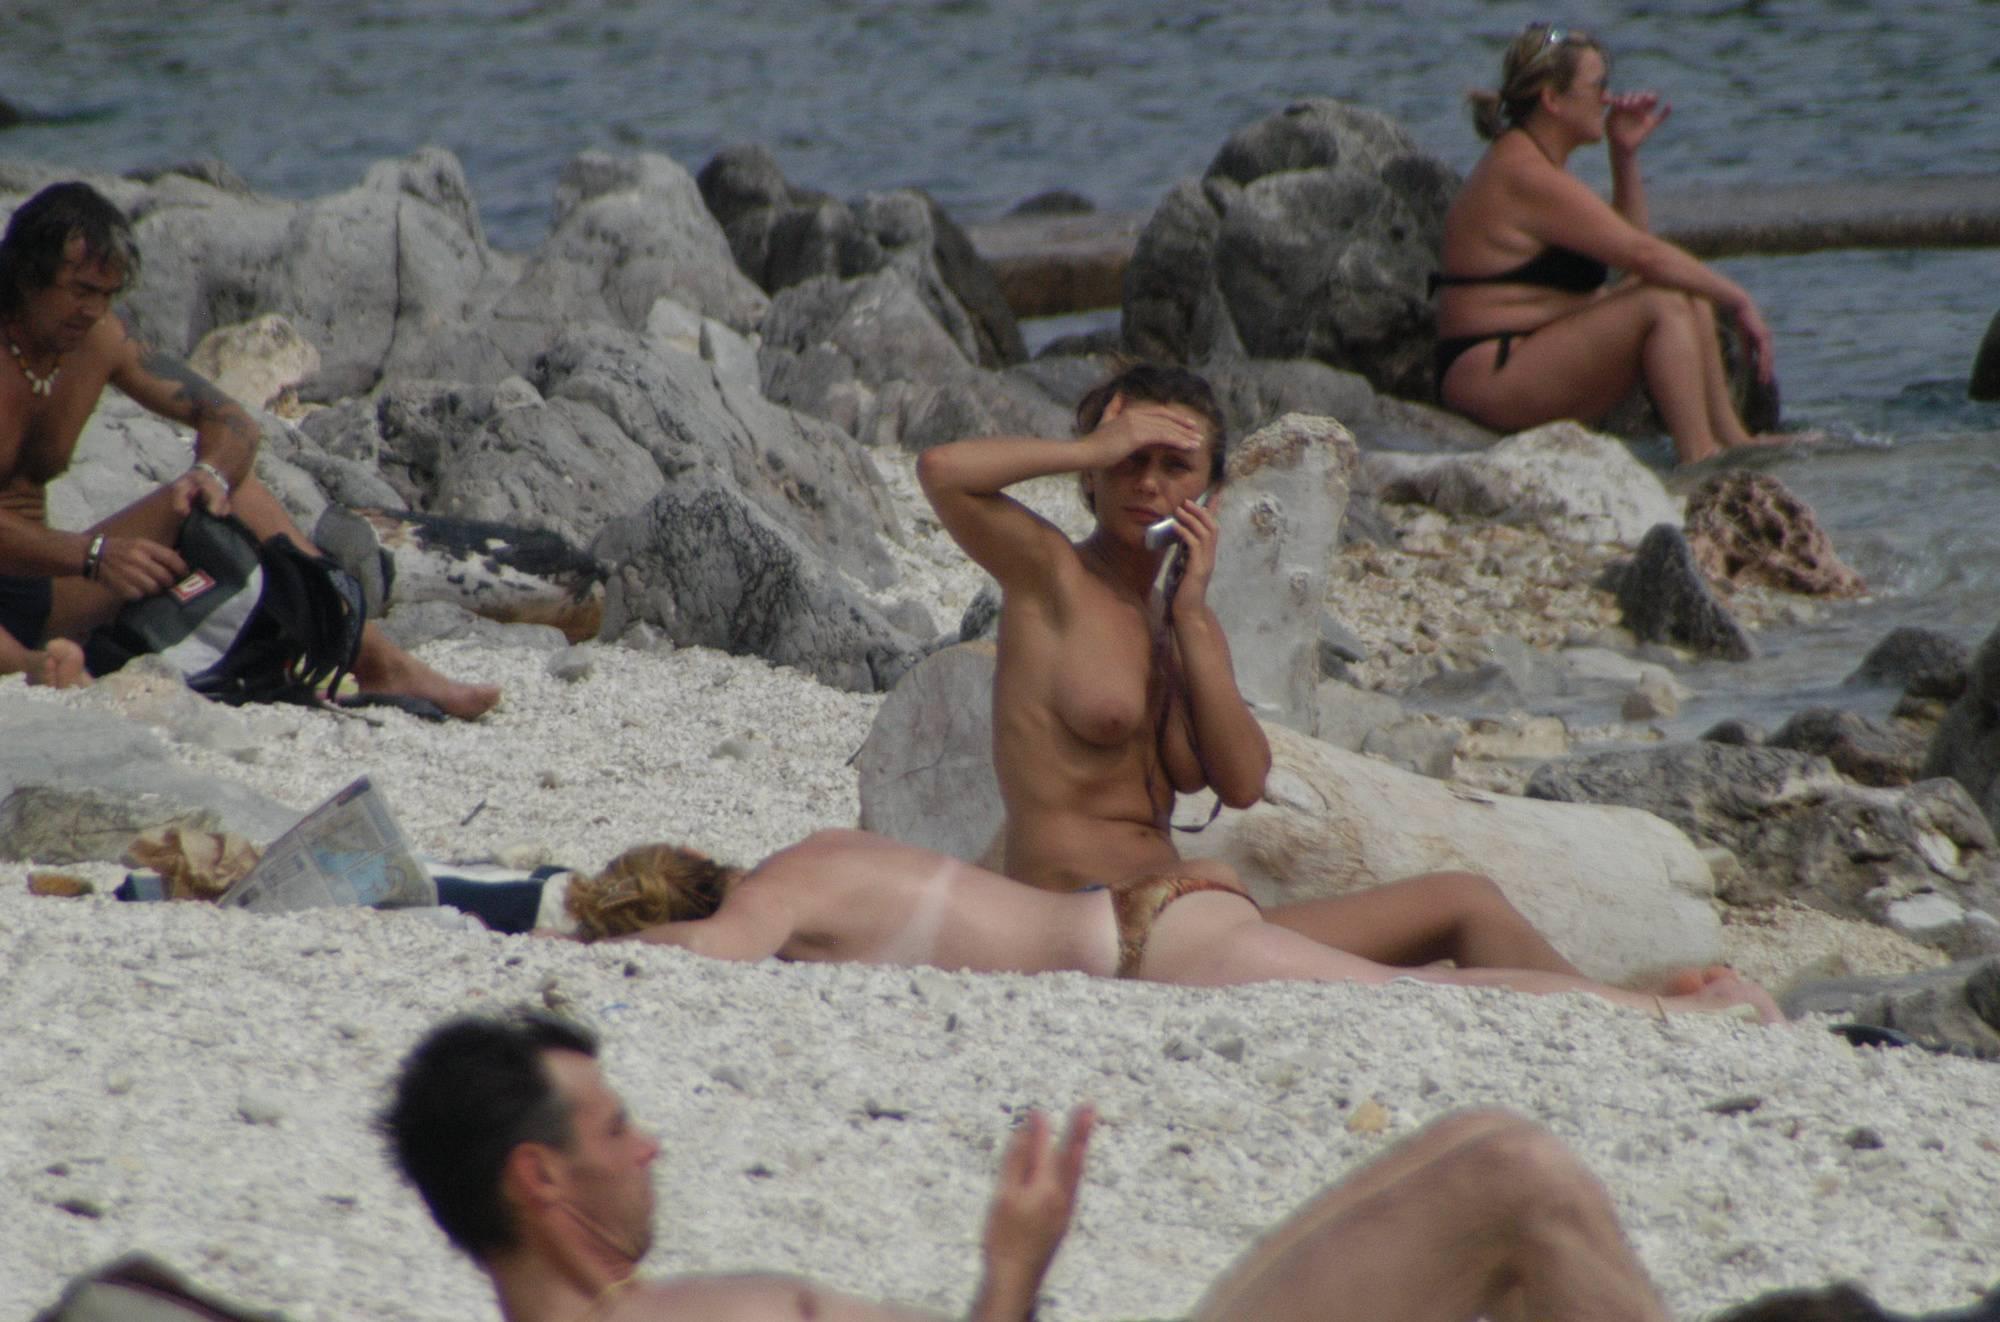 Pure Nudism Photos-RovinJ Shoreline Tour - 1